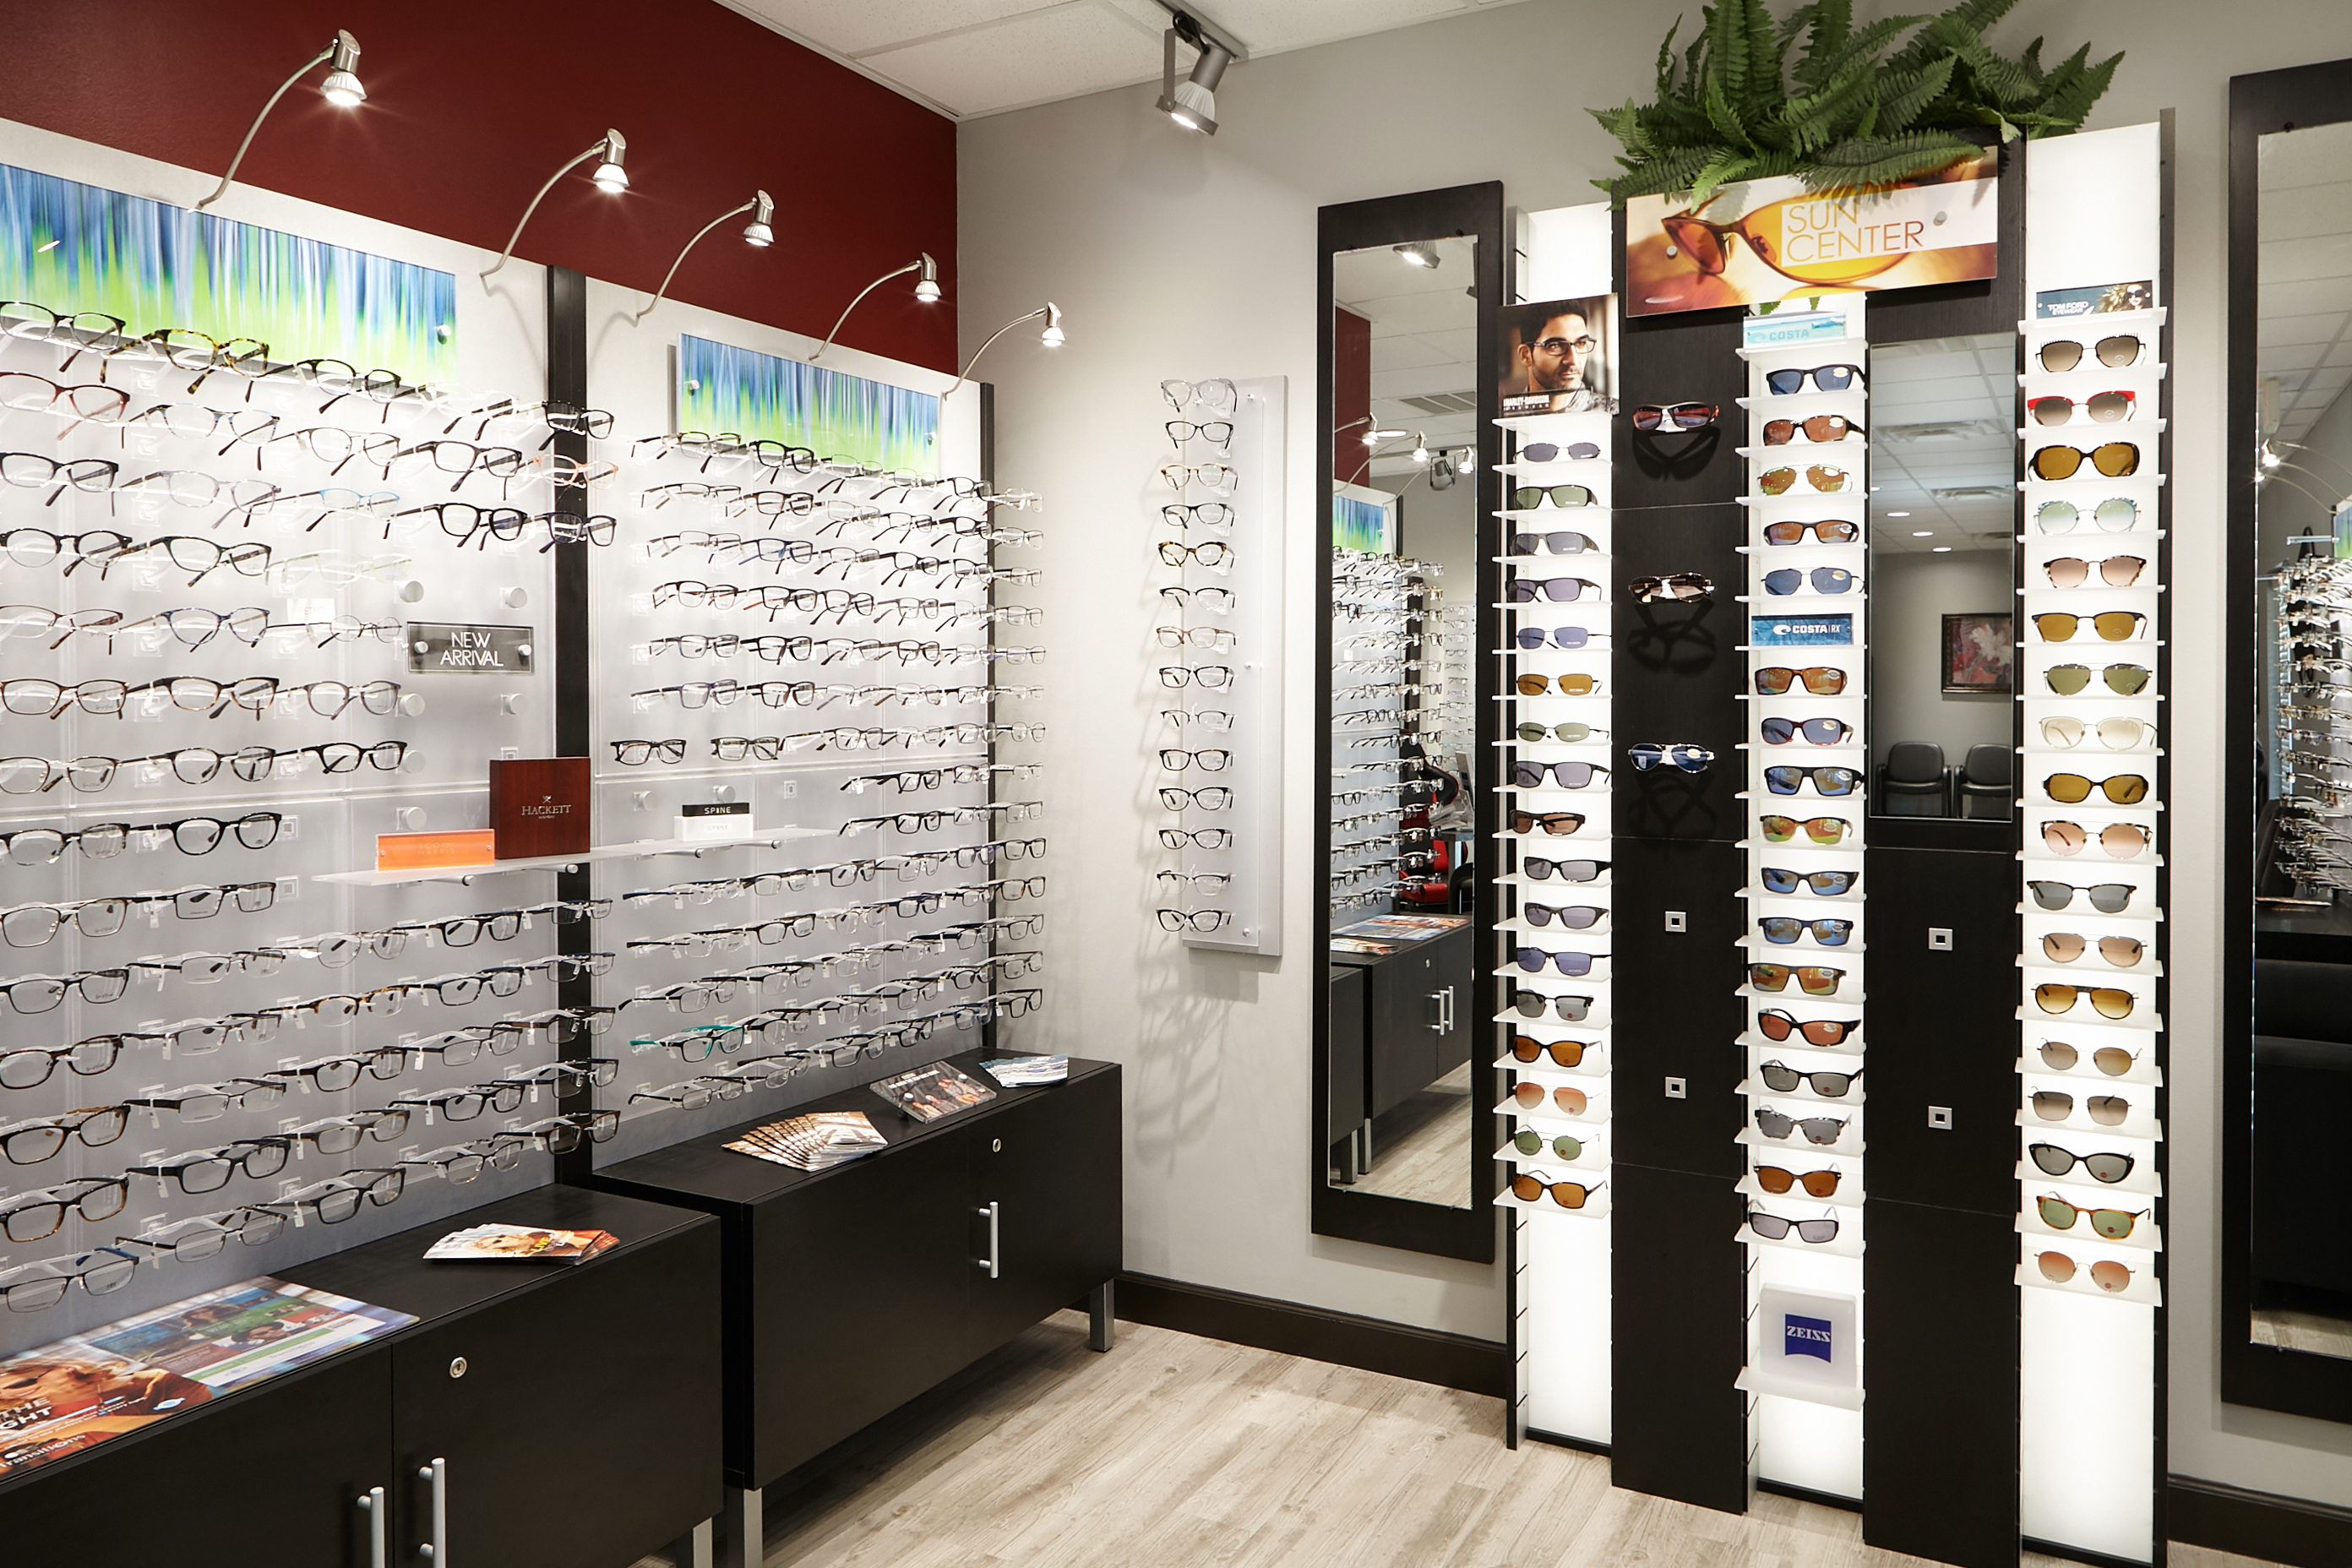 Boerne Vision Center_MG_2427